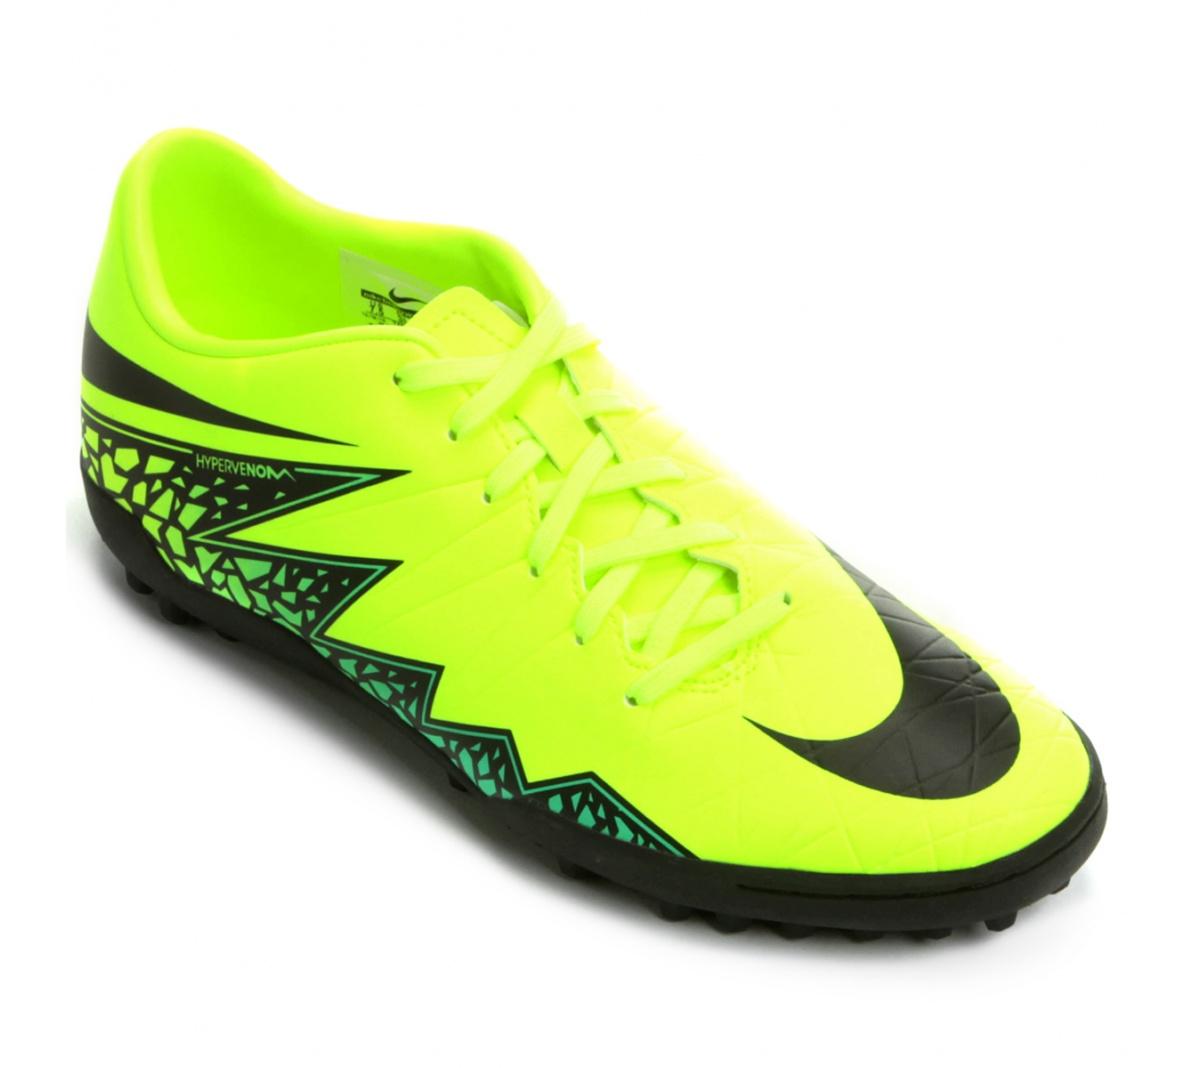 918f5d239 Chuteira Nike Hypervenom Phelon II TF Verde Limão com Preto - Mundo ...